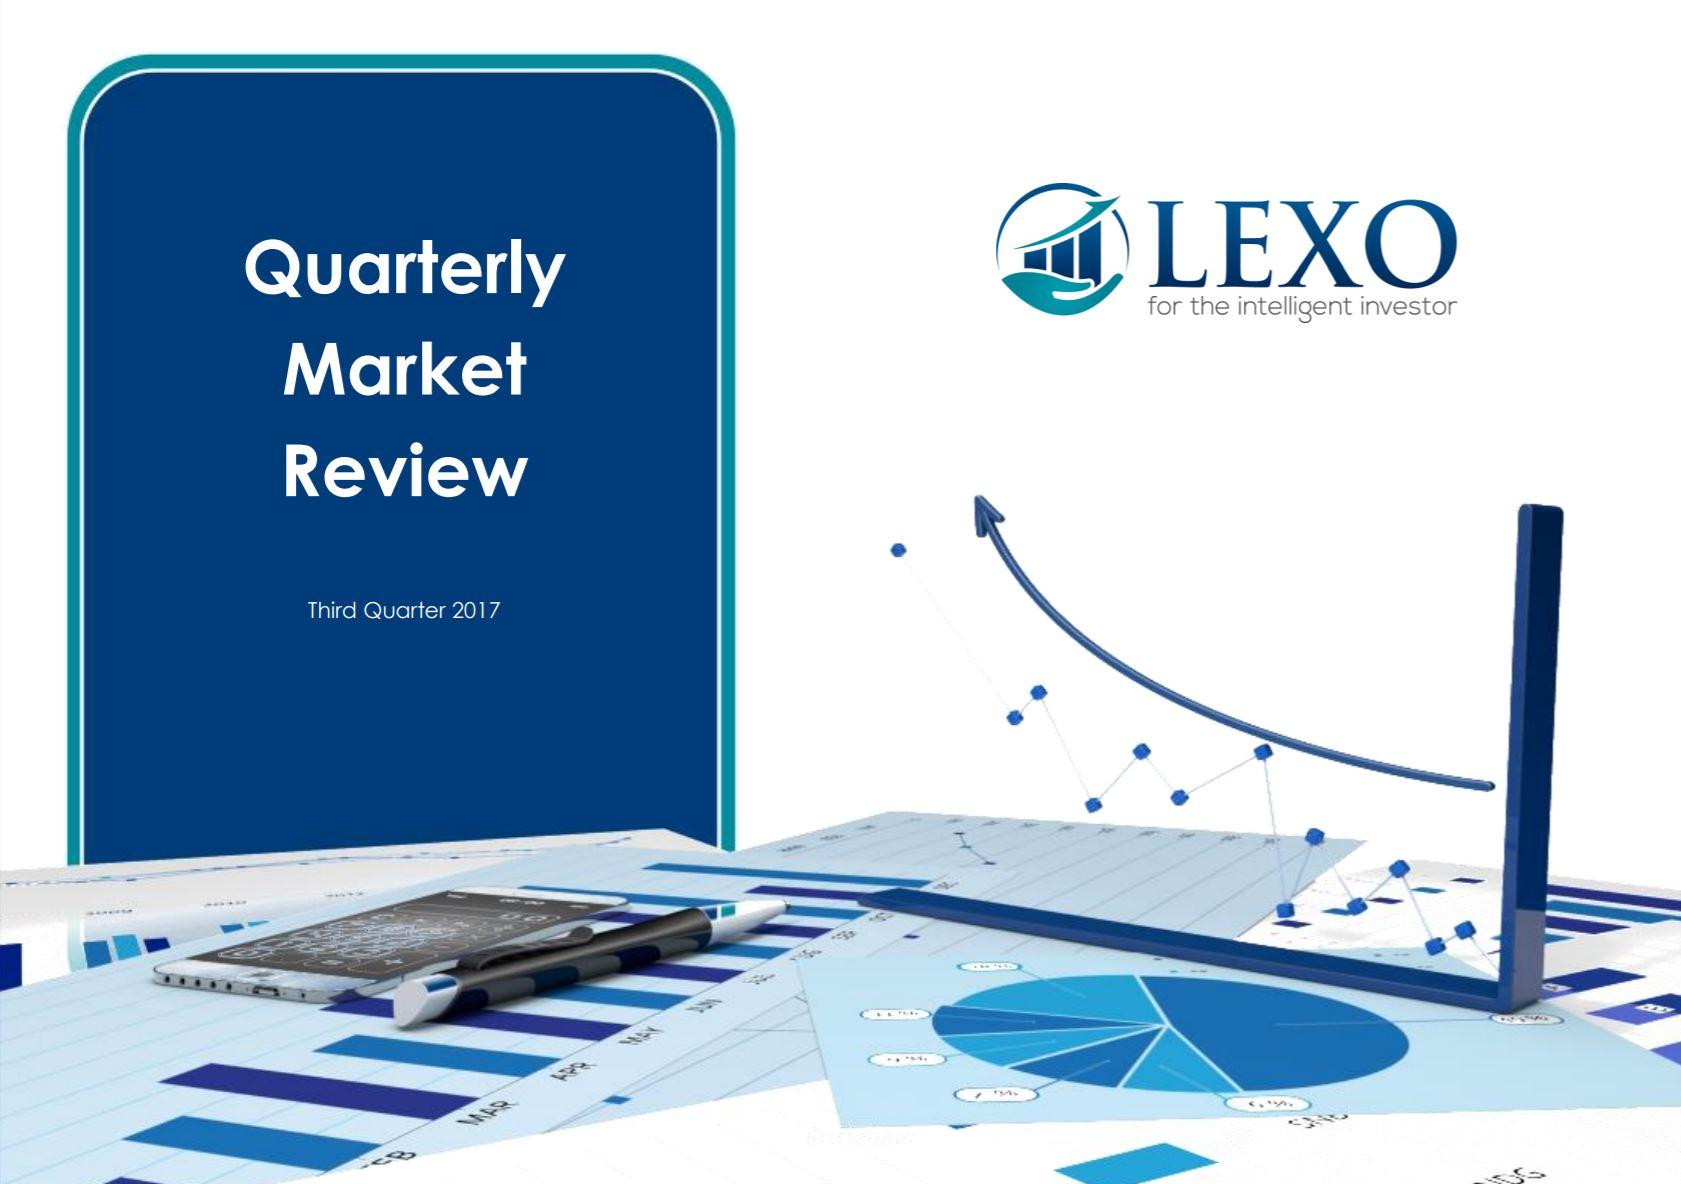 Lexo quarterly market review Q3 2017